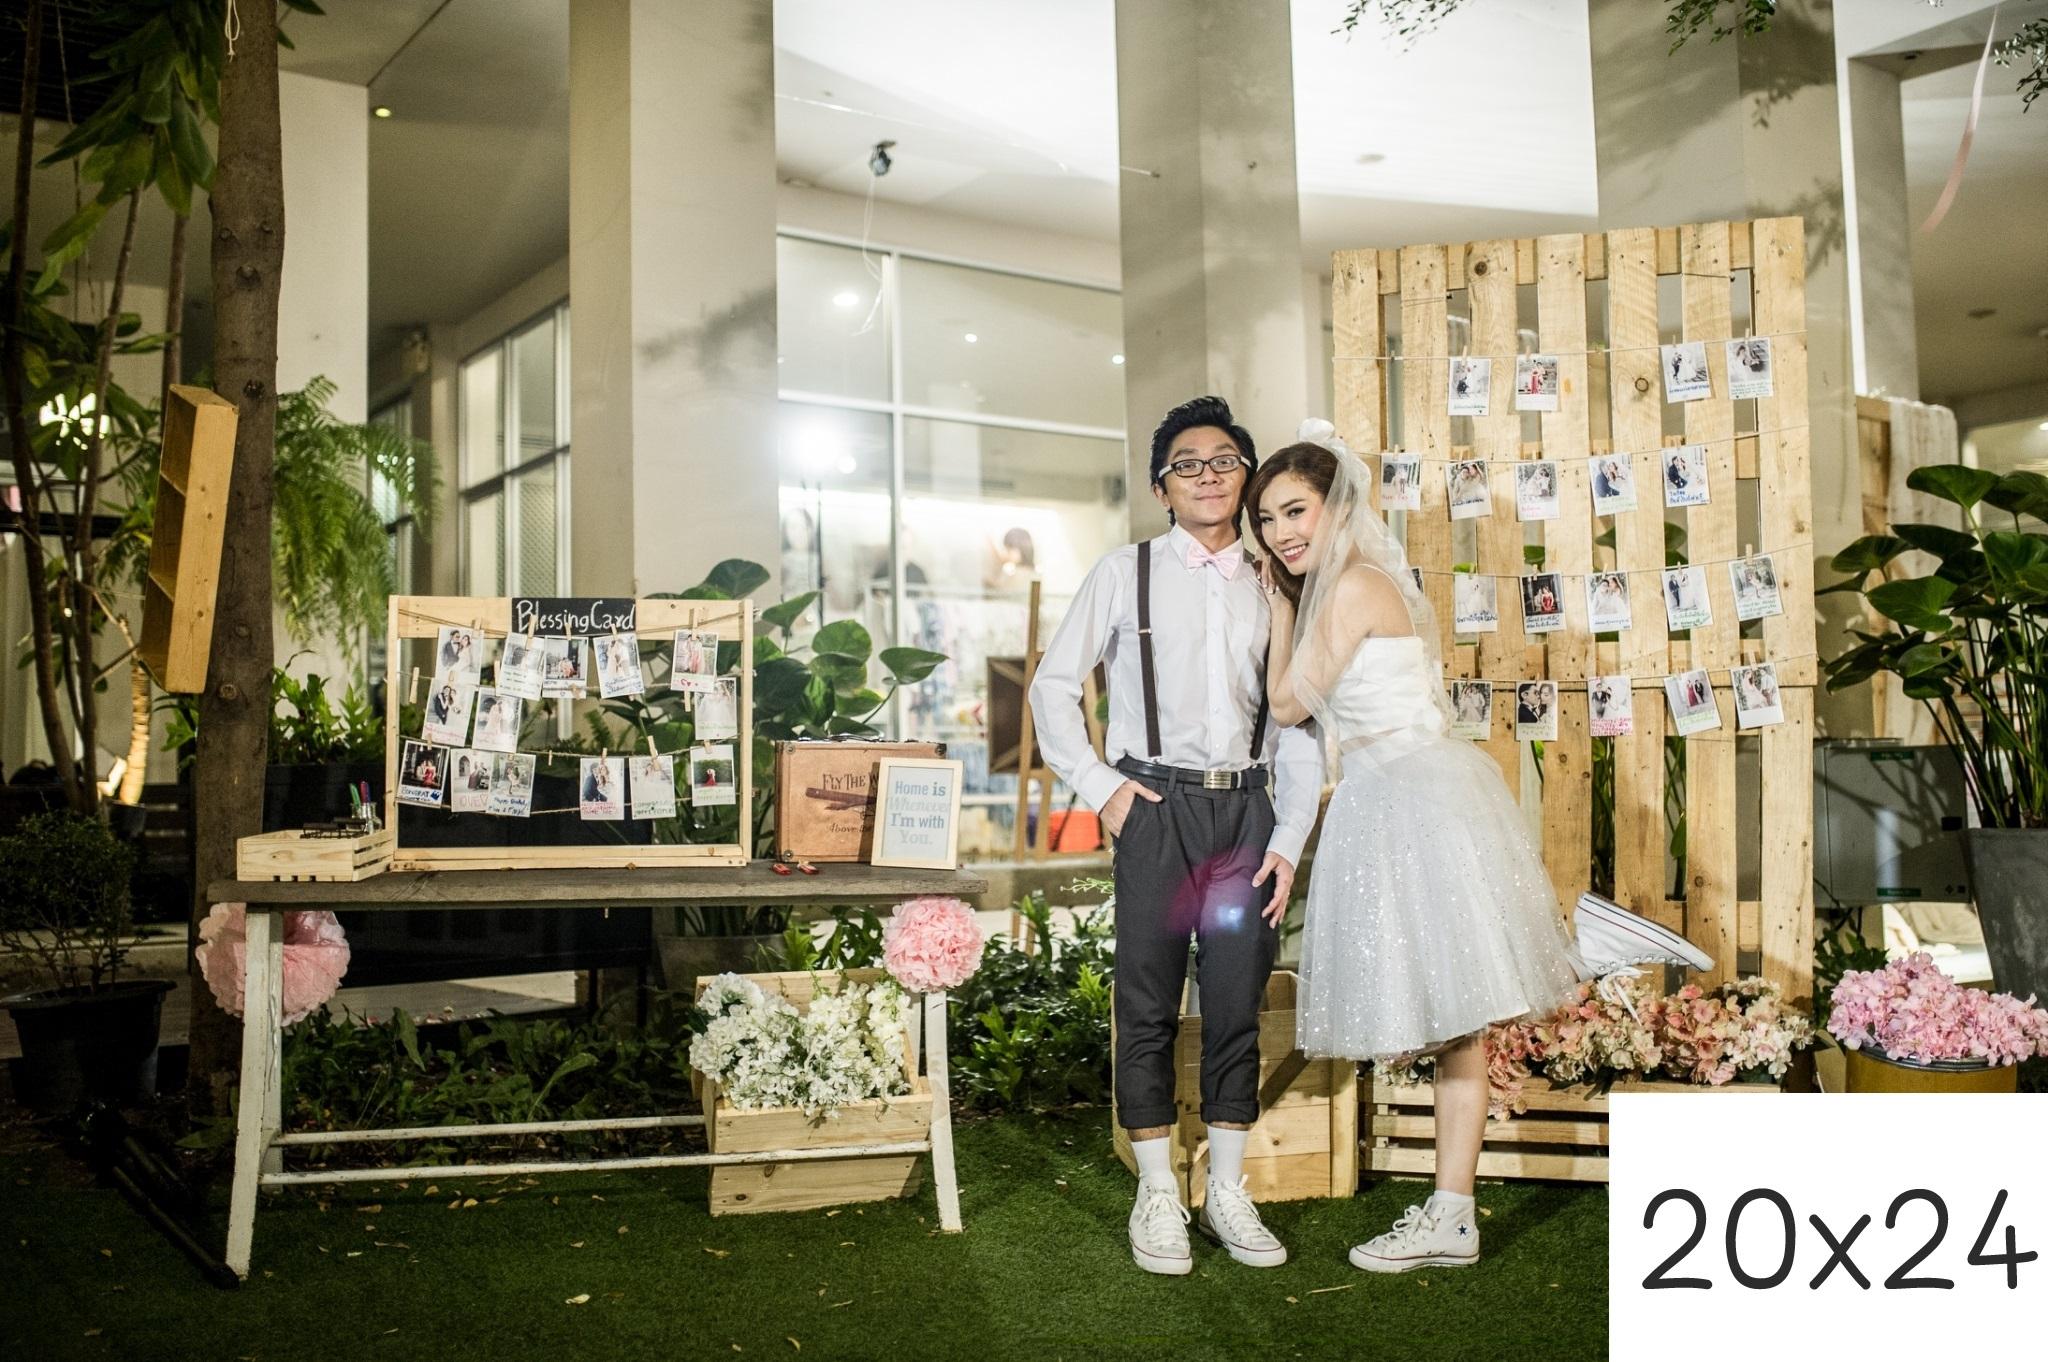 รูปแต่งงาน อัดรูปออนไลน์ ล้างรูปราคาถูก ขนาดอัดรูป 20x24